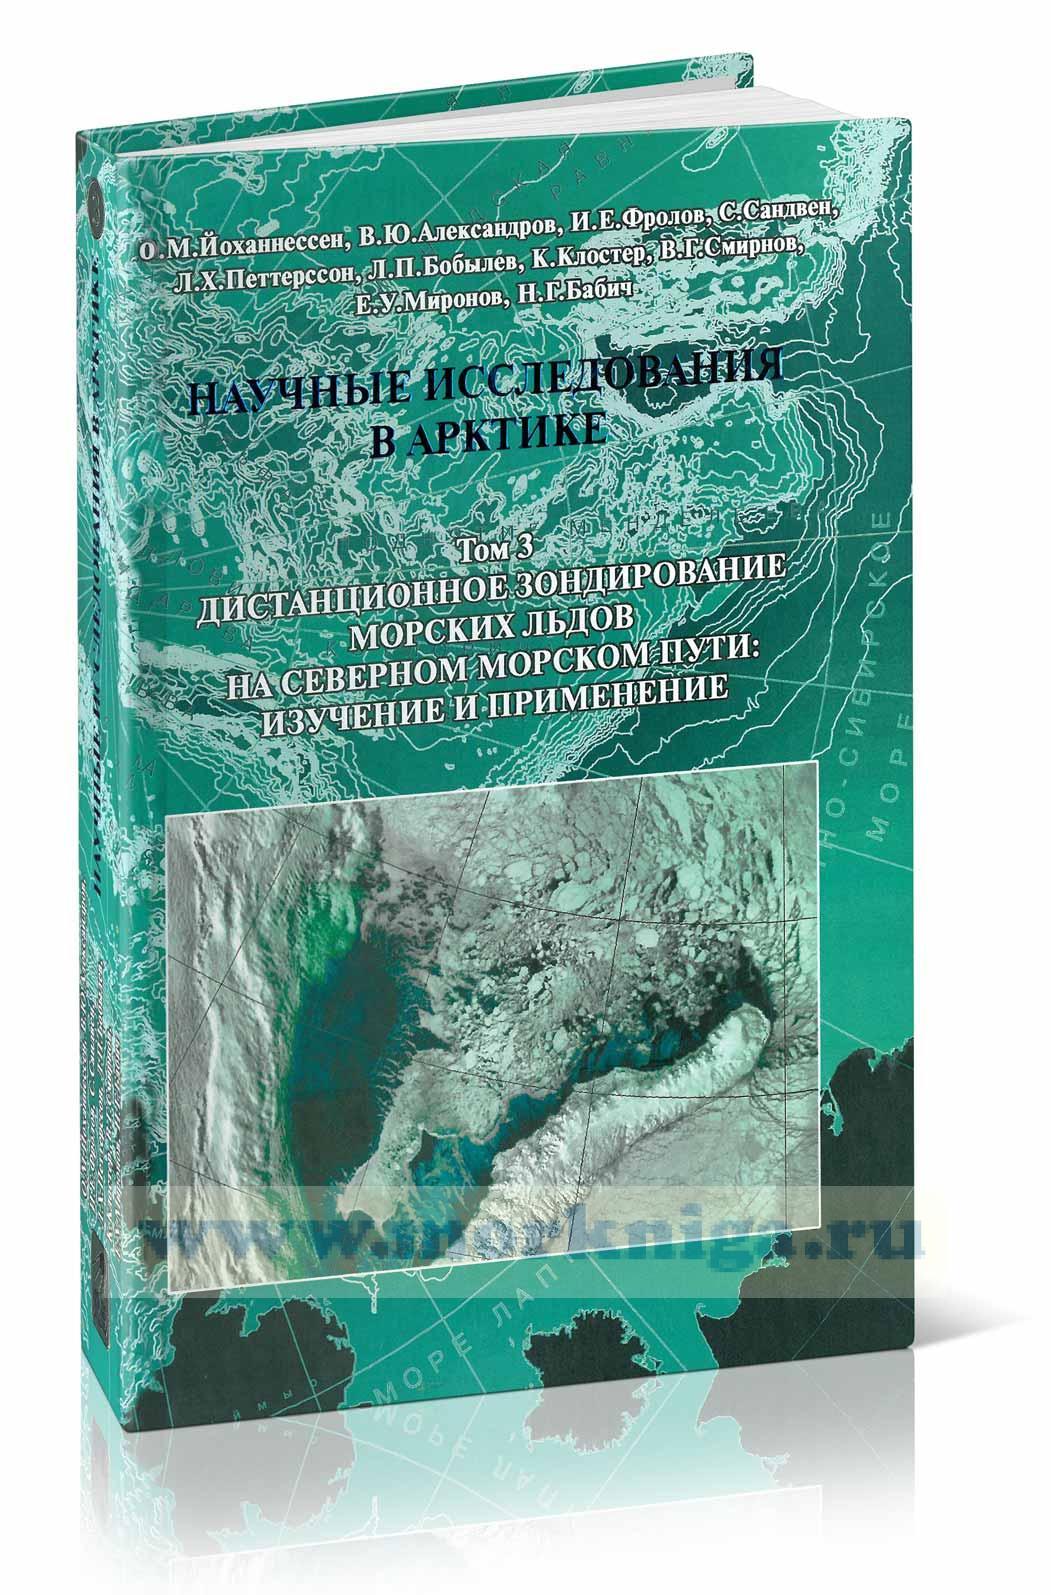 Научные исследования в Арктике. Том 3. Дистанционное зондирование морских льдов на Северном морском пути: изучение и применение